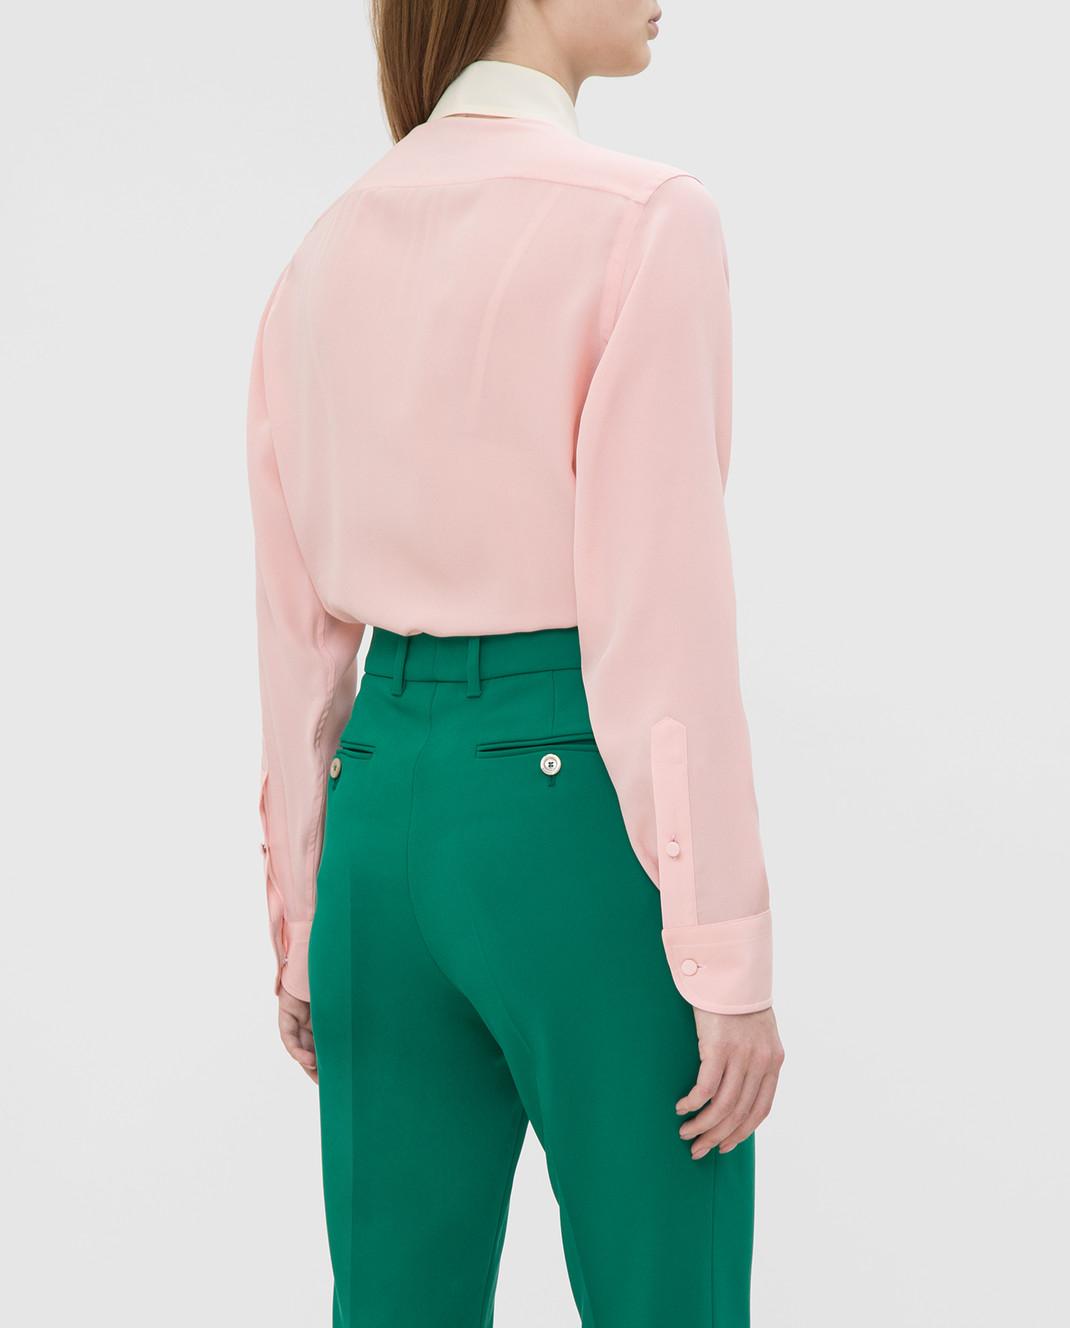 Gucci Розовая рубашка из шелка 544892 изображение 4